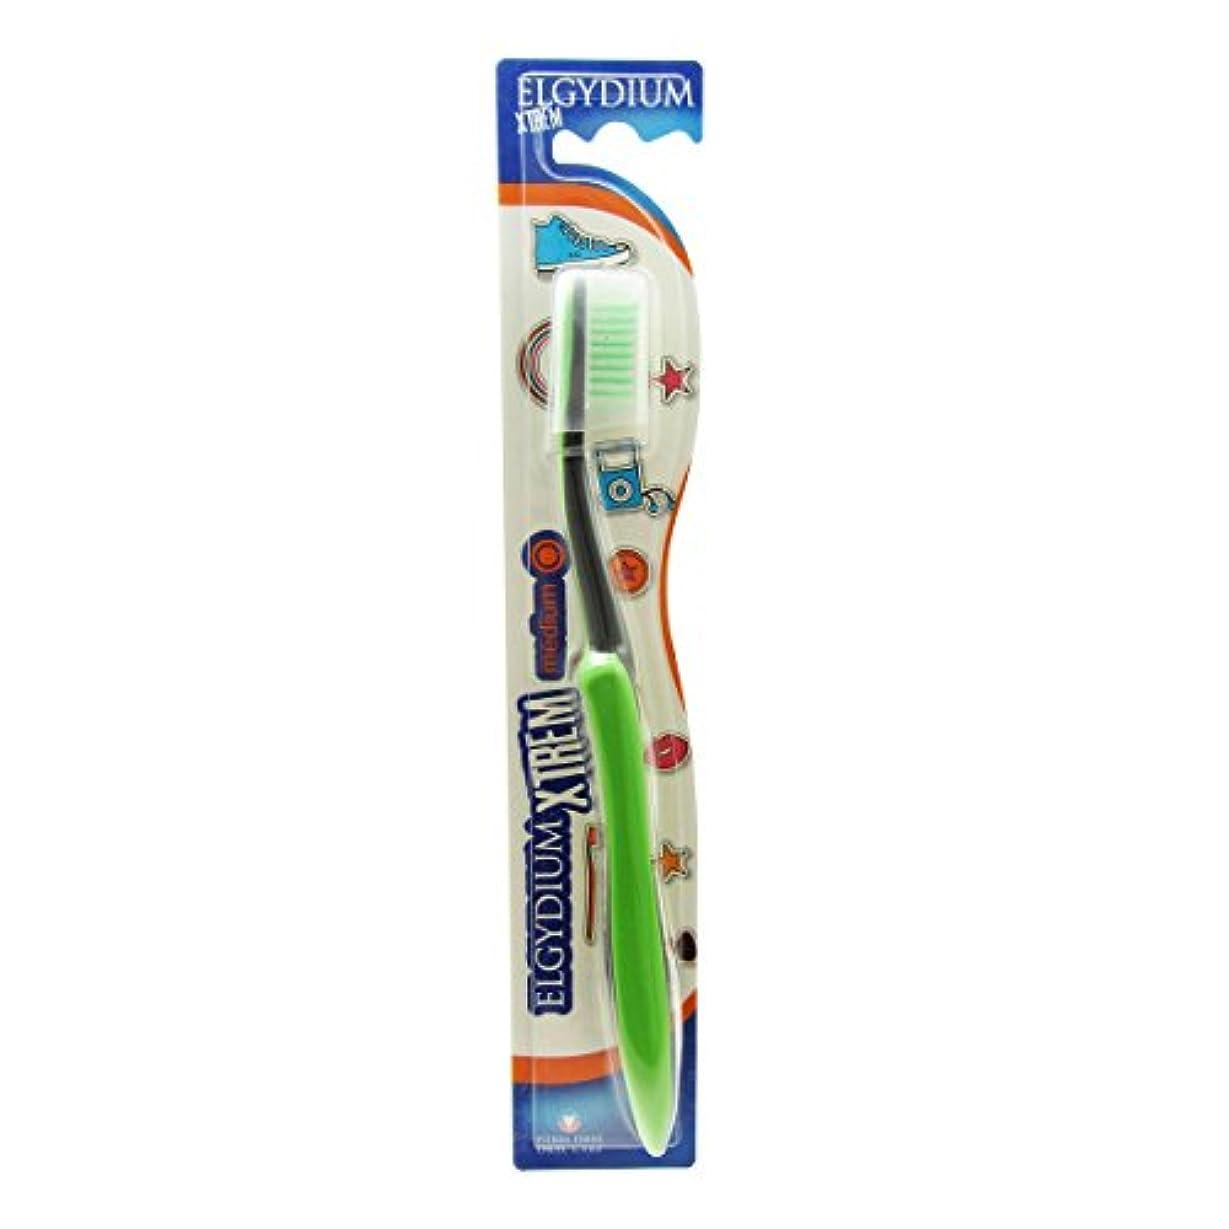 反発緩む探すElgydium Xtrem Toothbrush Medium Hardness [並行輸入品]